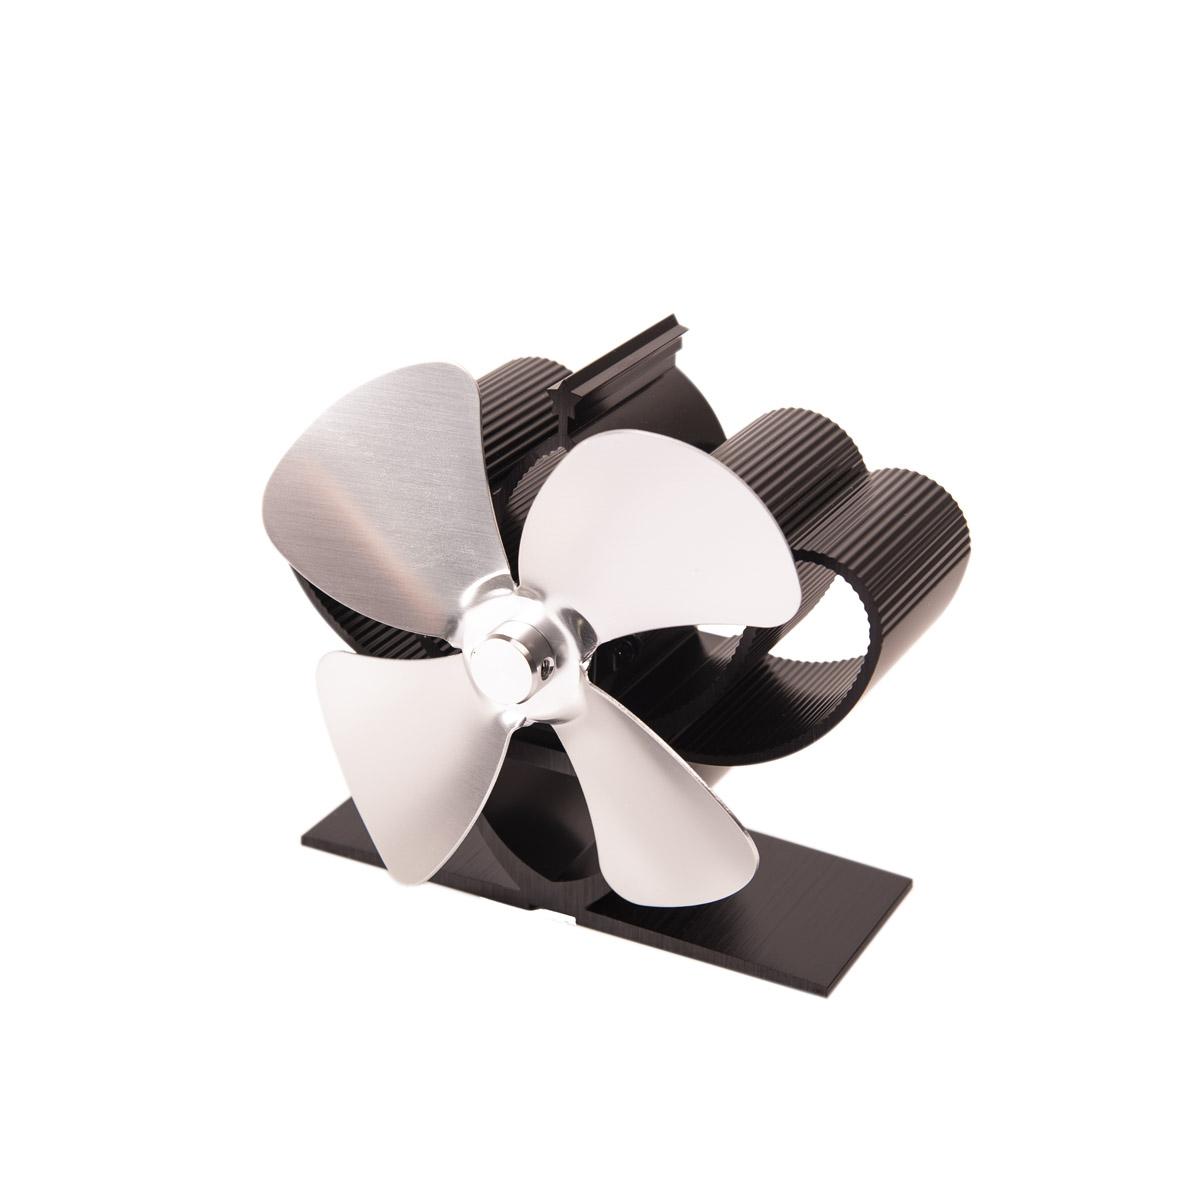 Ventilátor na kamna FLAMINGO čtyřlopatkový MINI, stříbrný